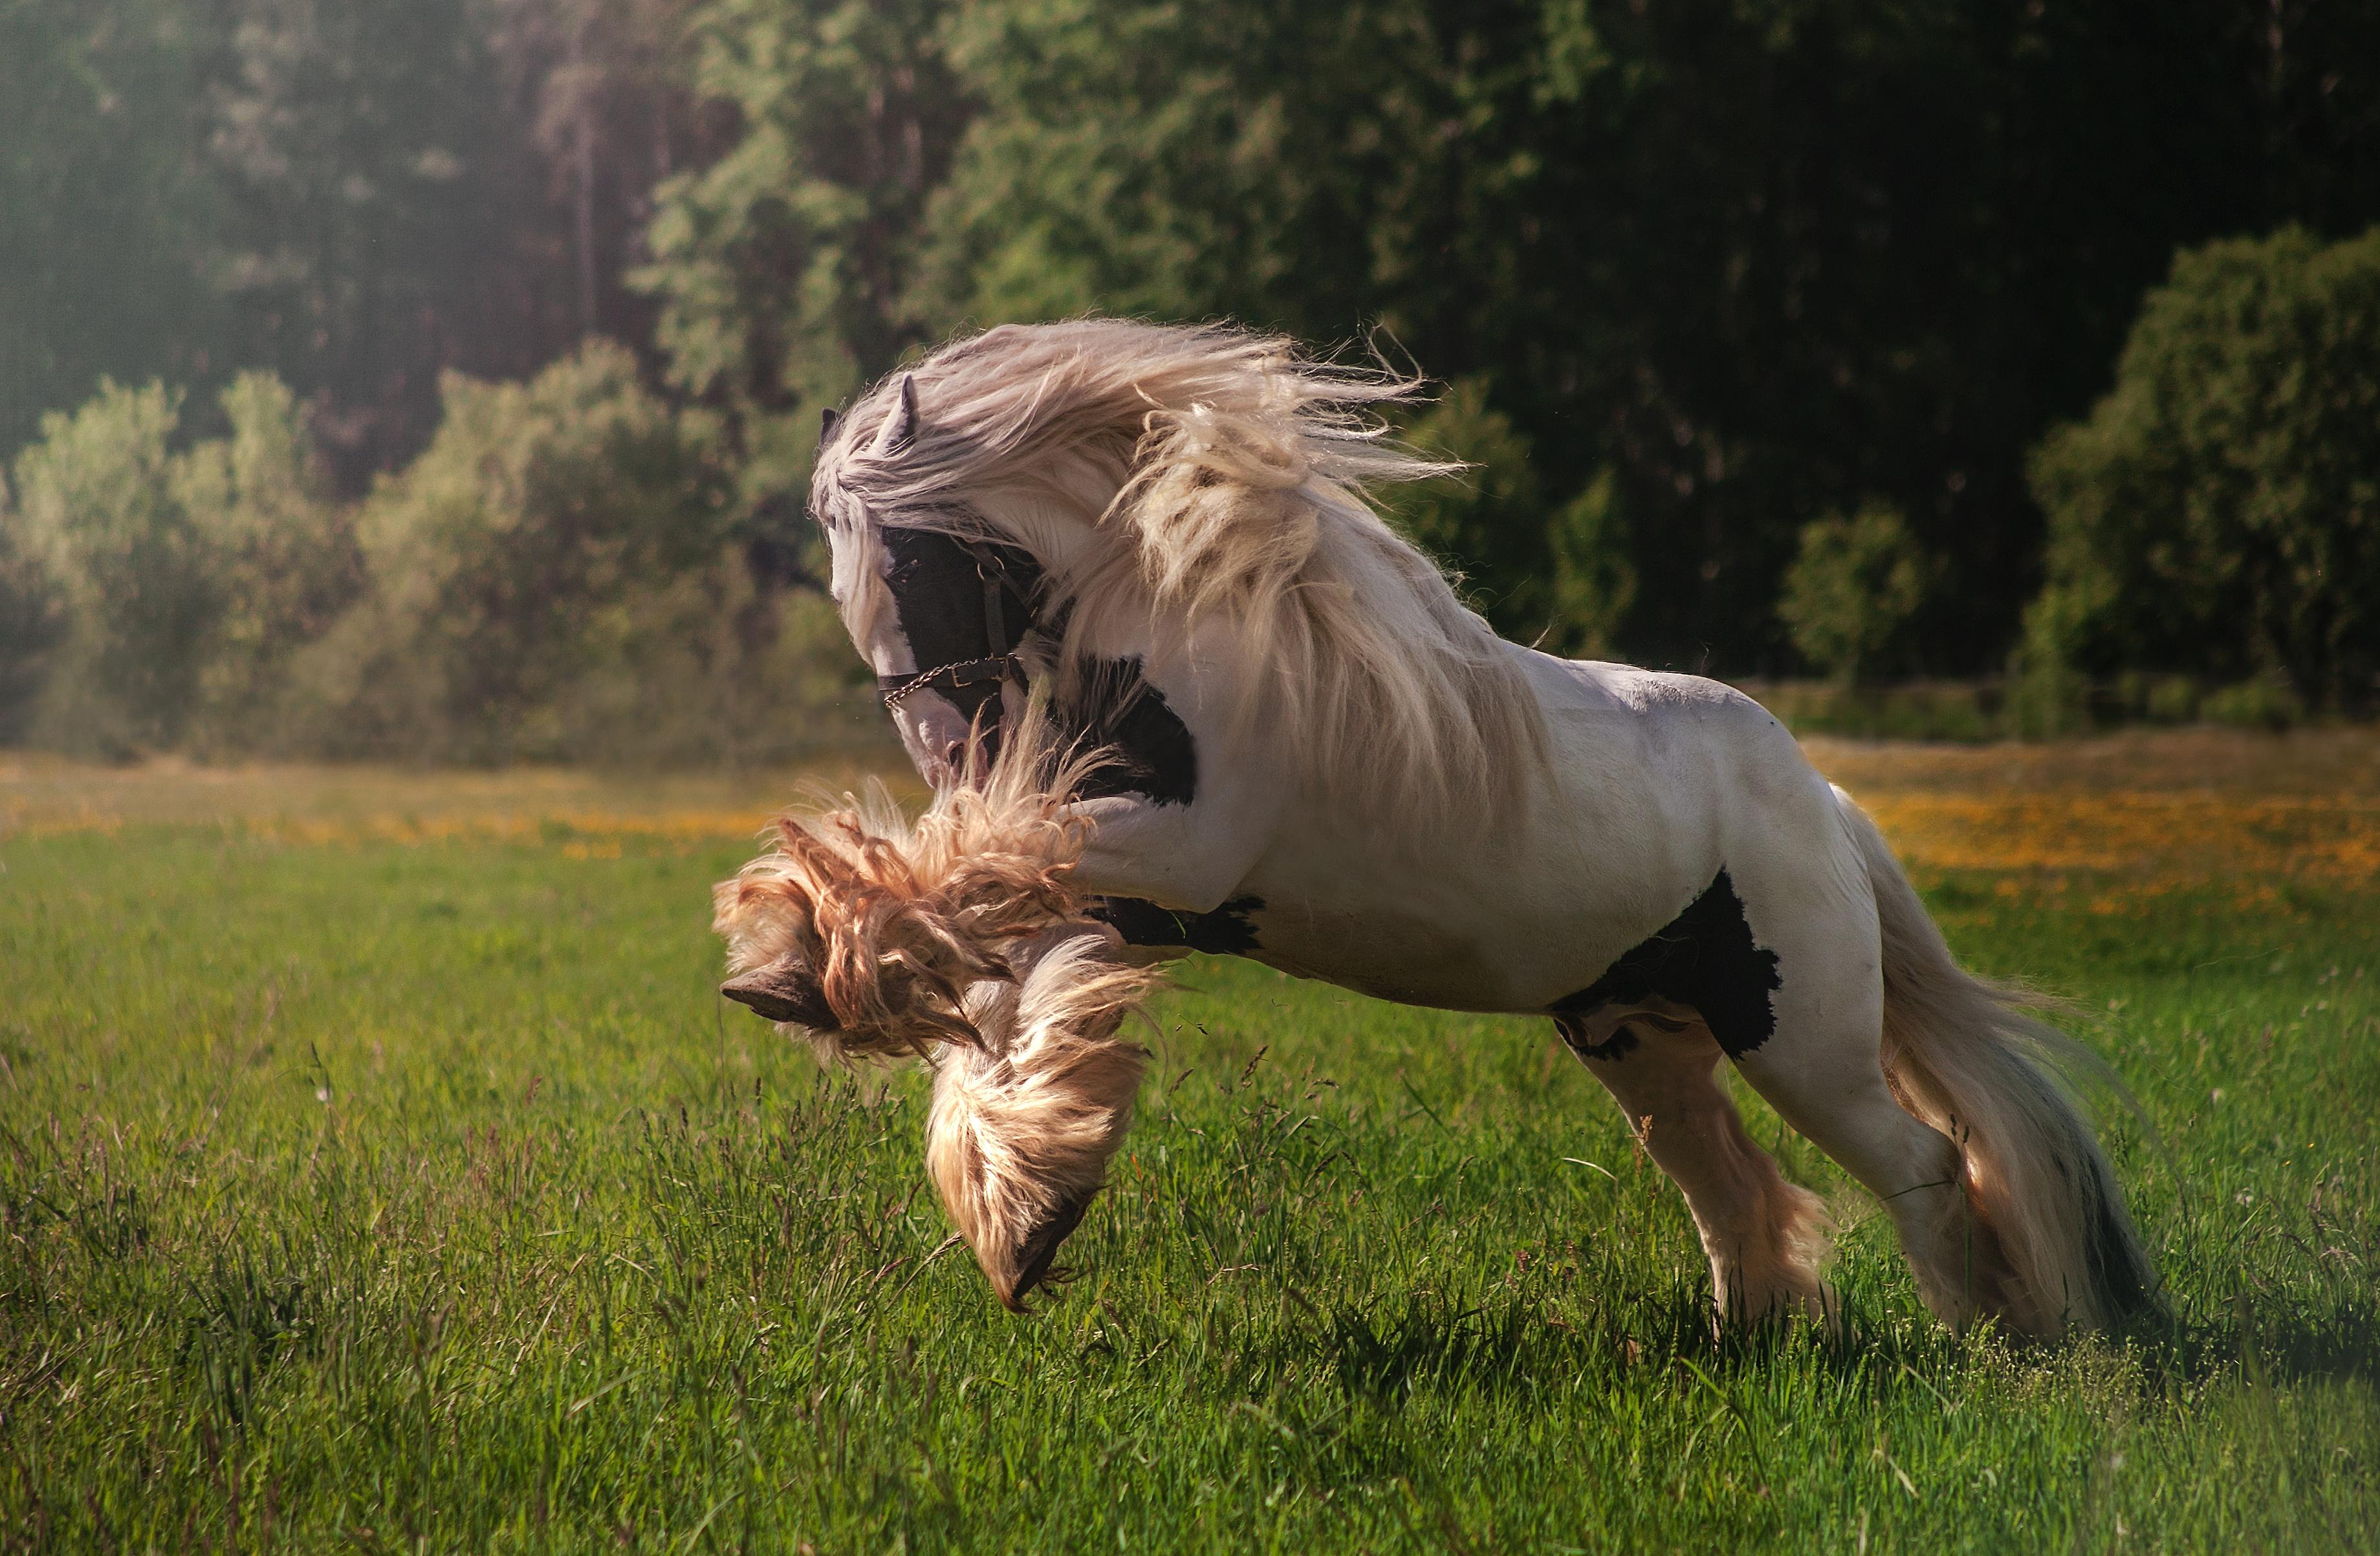 один бегать как лошадь картинки начался недавно, поэтому